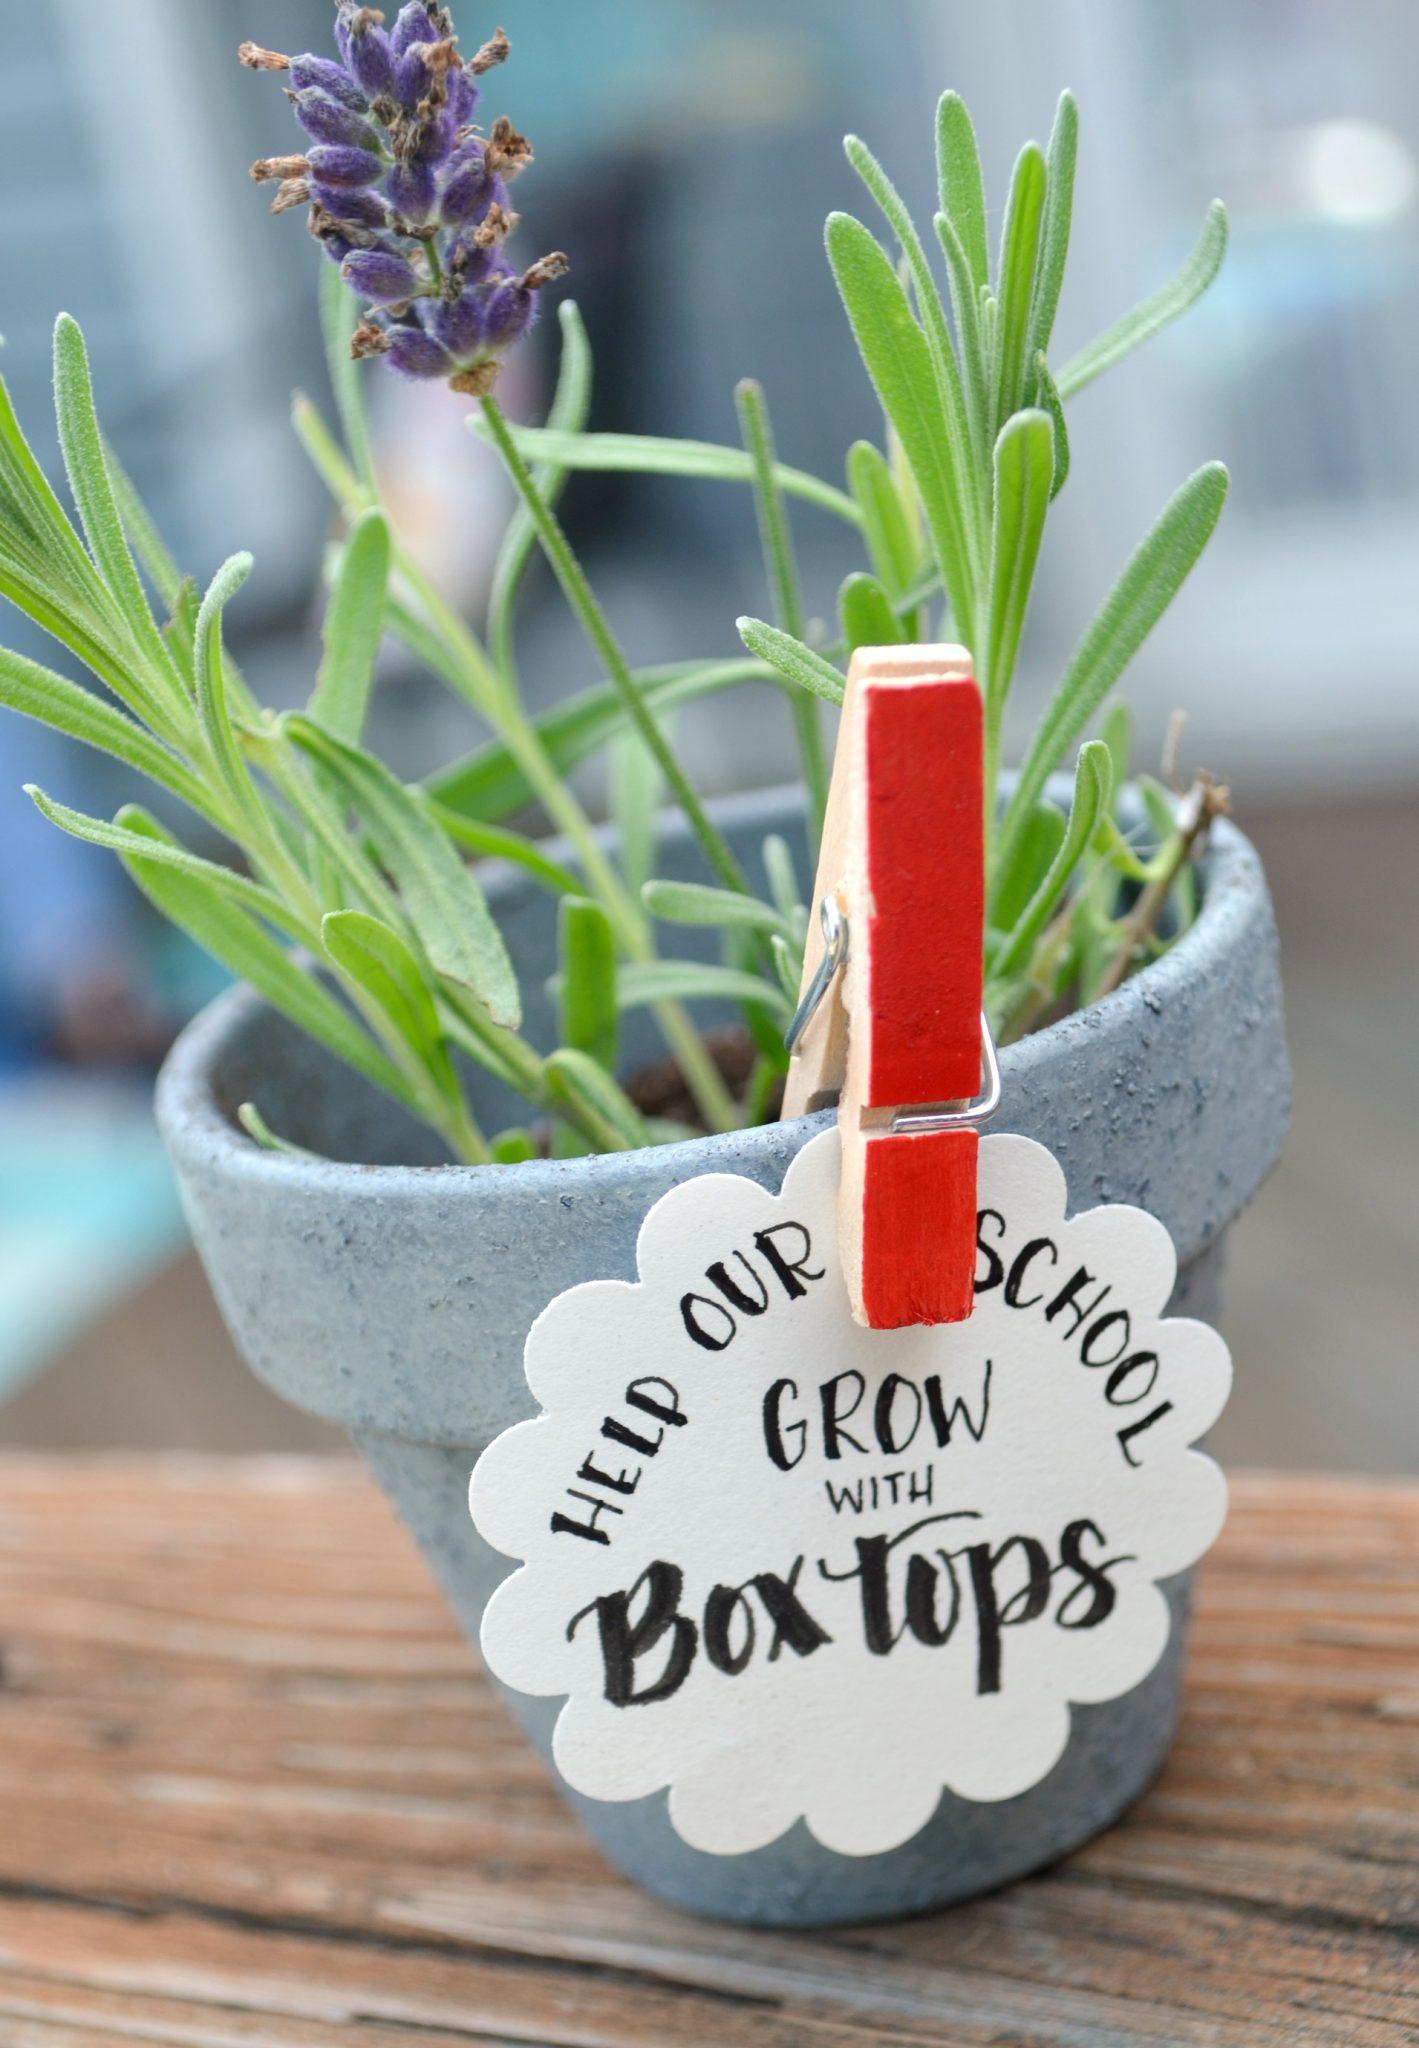 boxtoppot6 - Copy